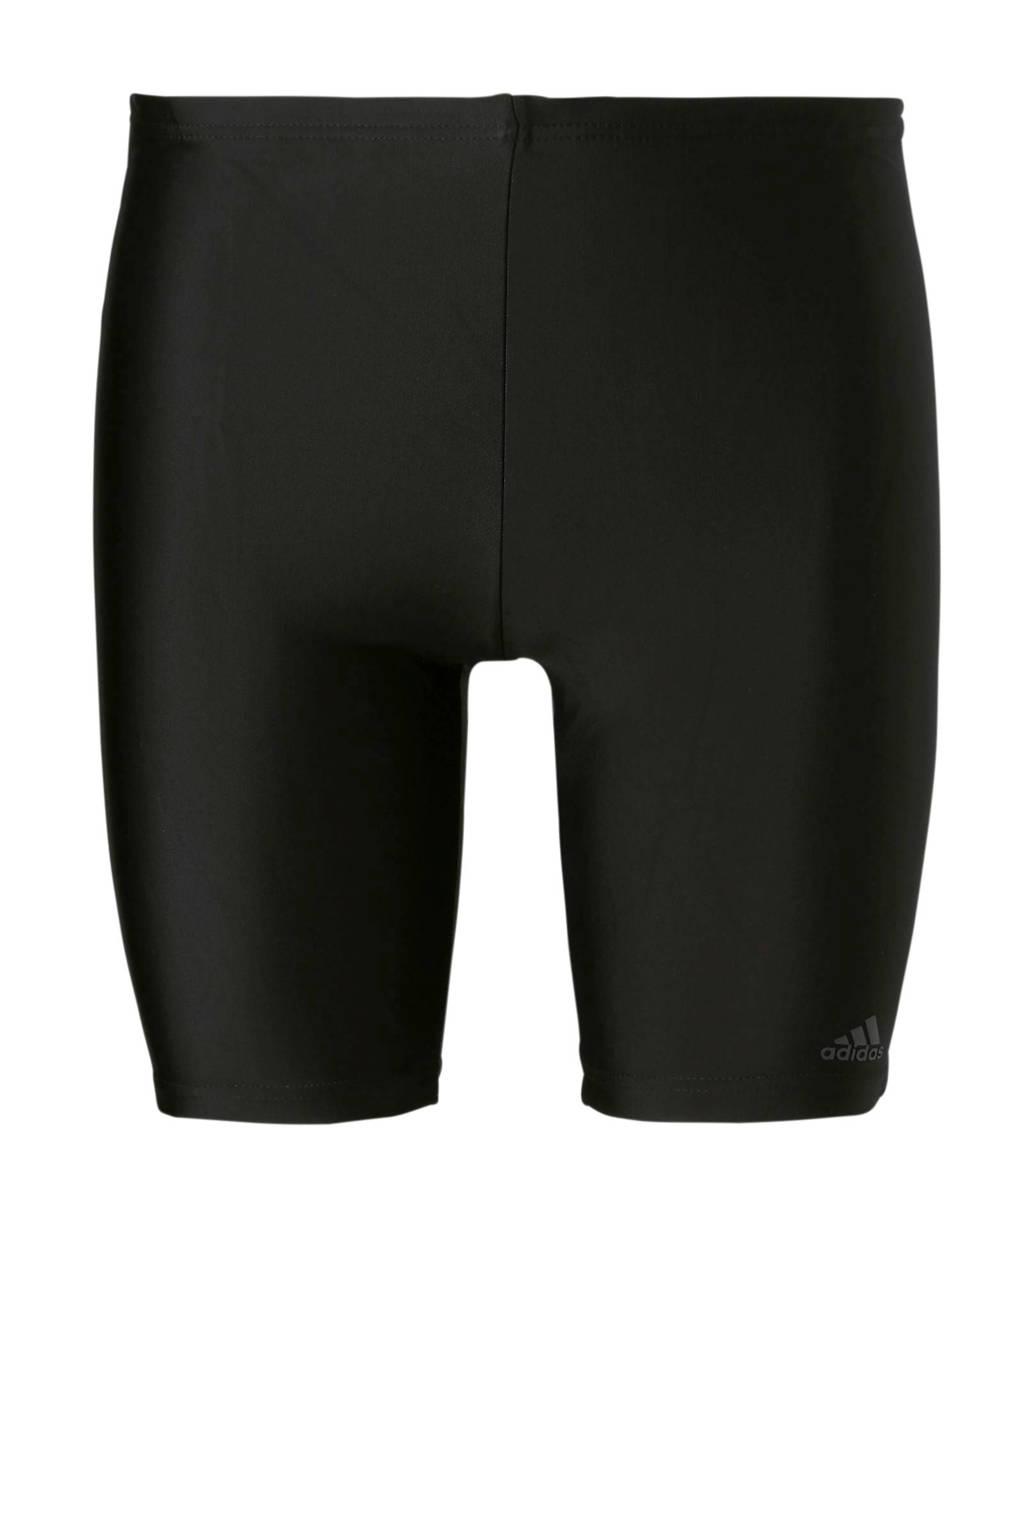 adidas zwemboxer lang zwart, Zwart/wit